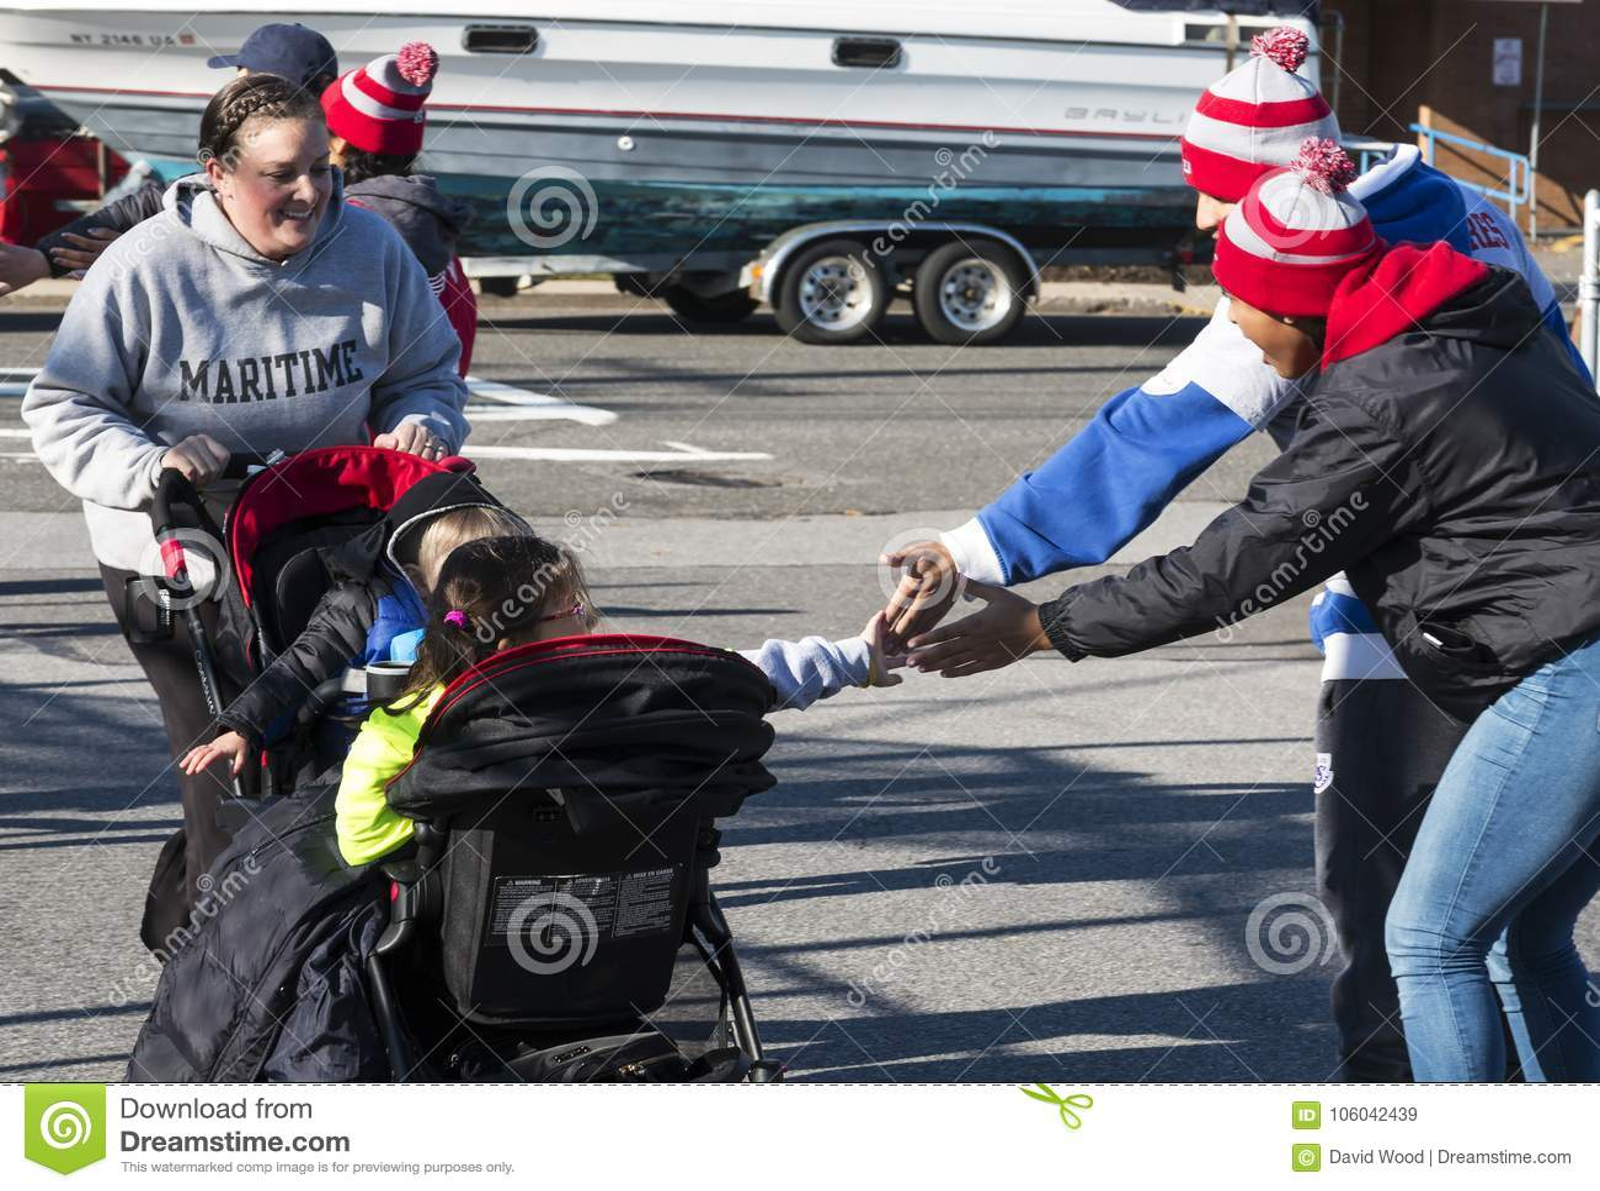 Kinder im Spaziergänger erhalten hohe fives am Ende einer lokalen Danksagung r